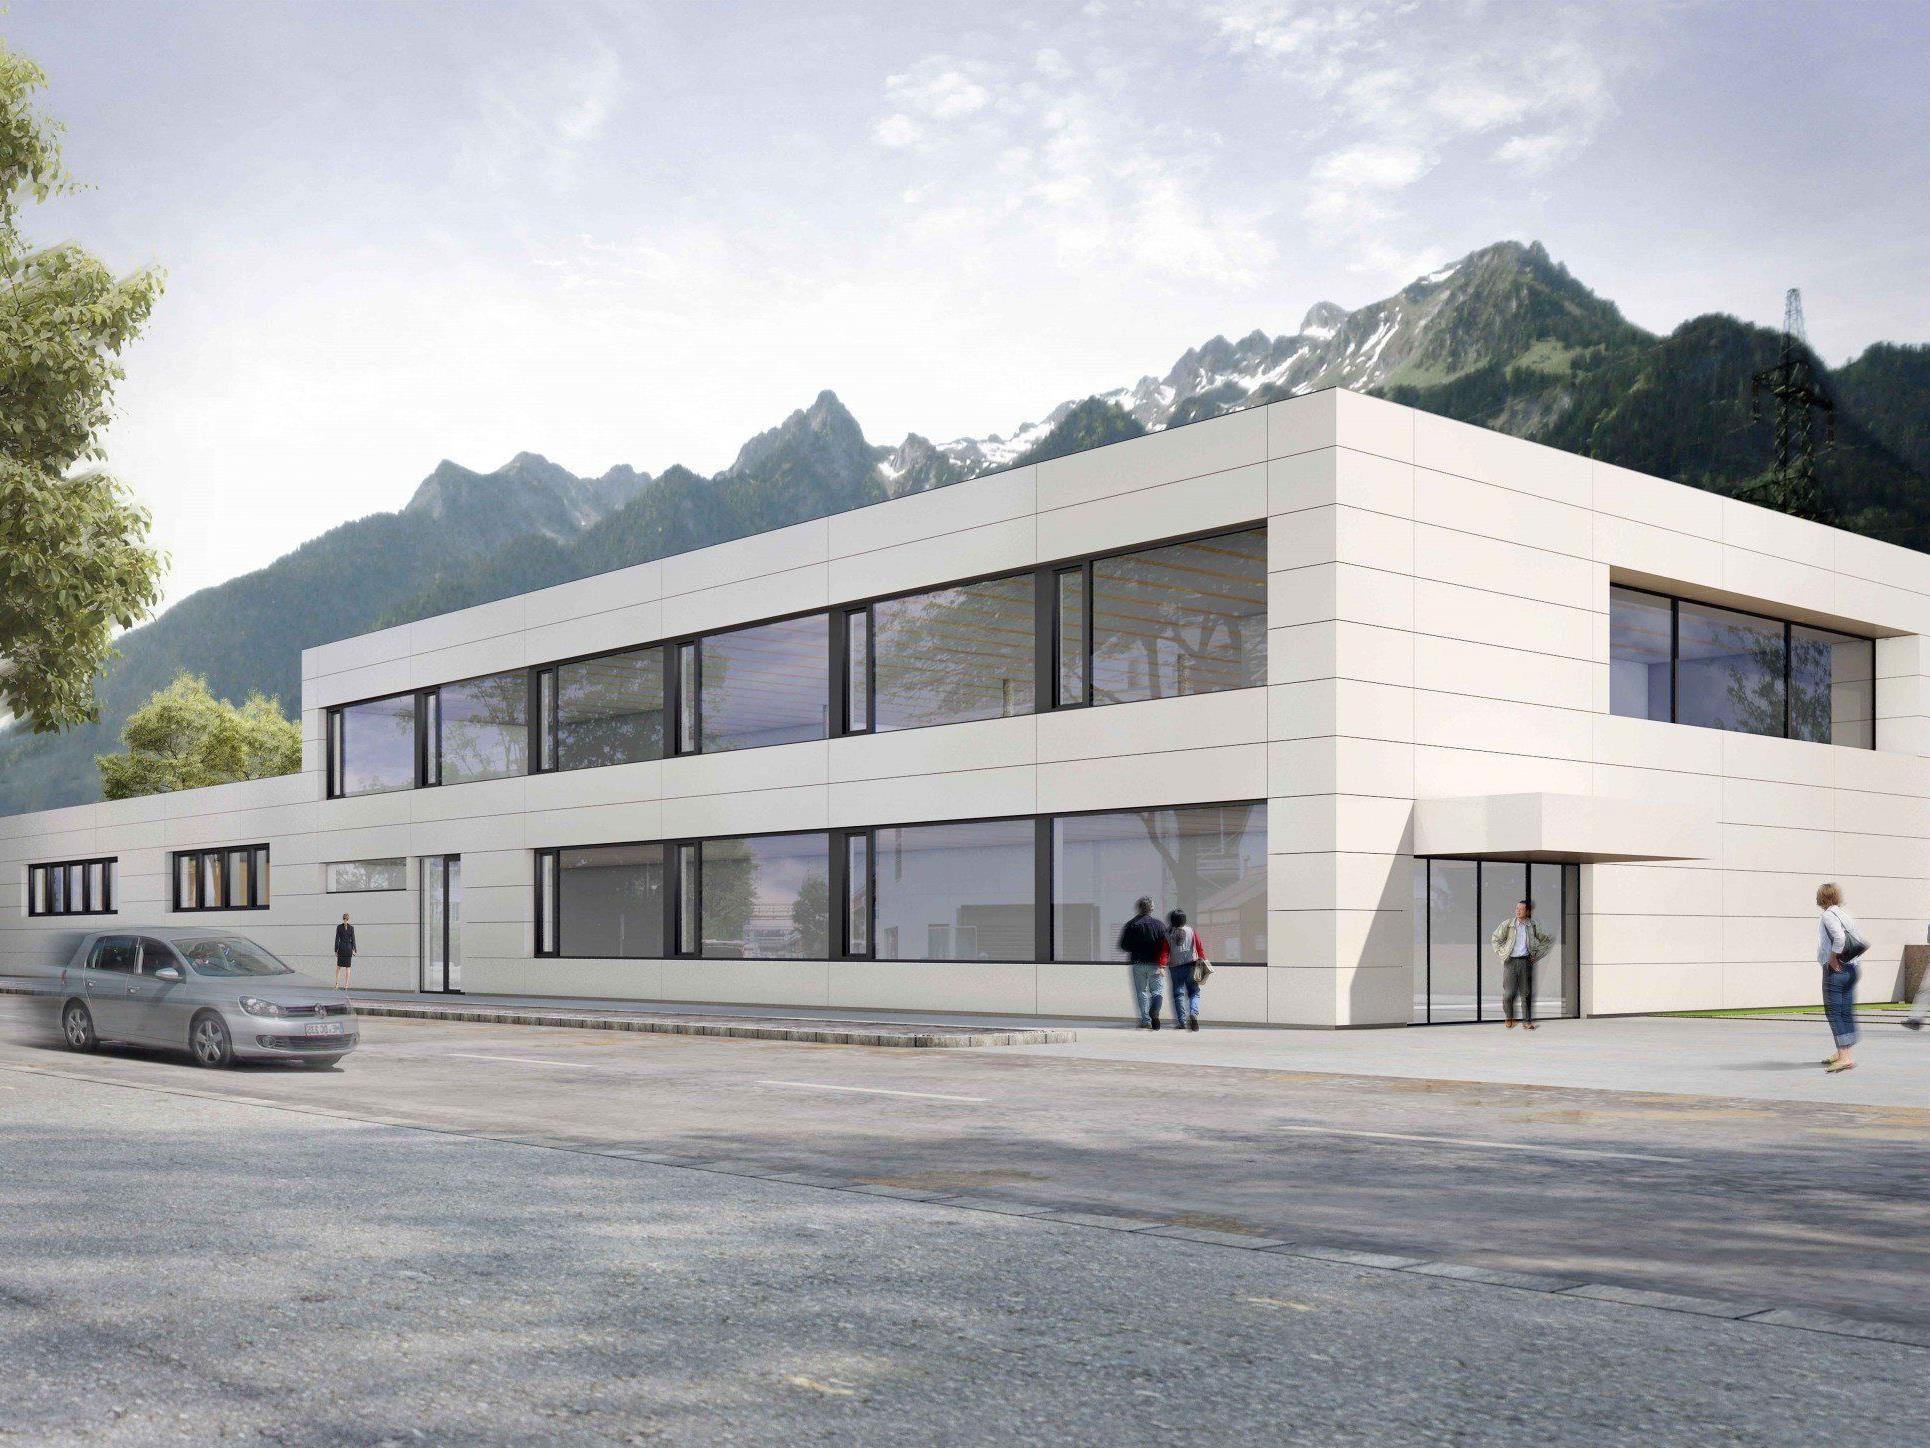 Die Firma Wagner aus Nüziders setzt beim Neubau der Firmenzentrale auf modernste Holz-Beton-Hybrid-Bauweise.